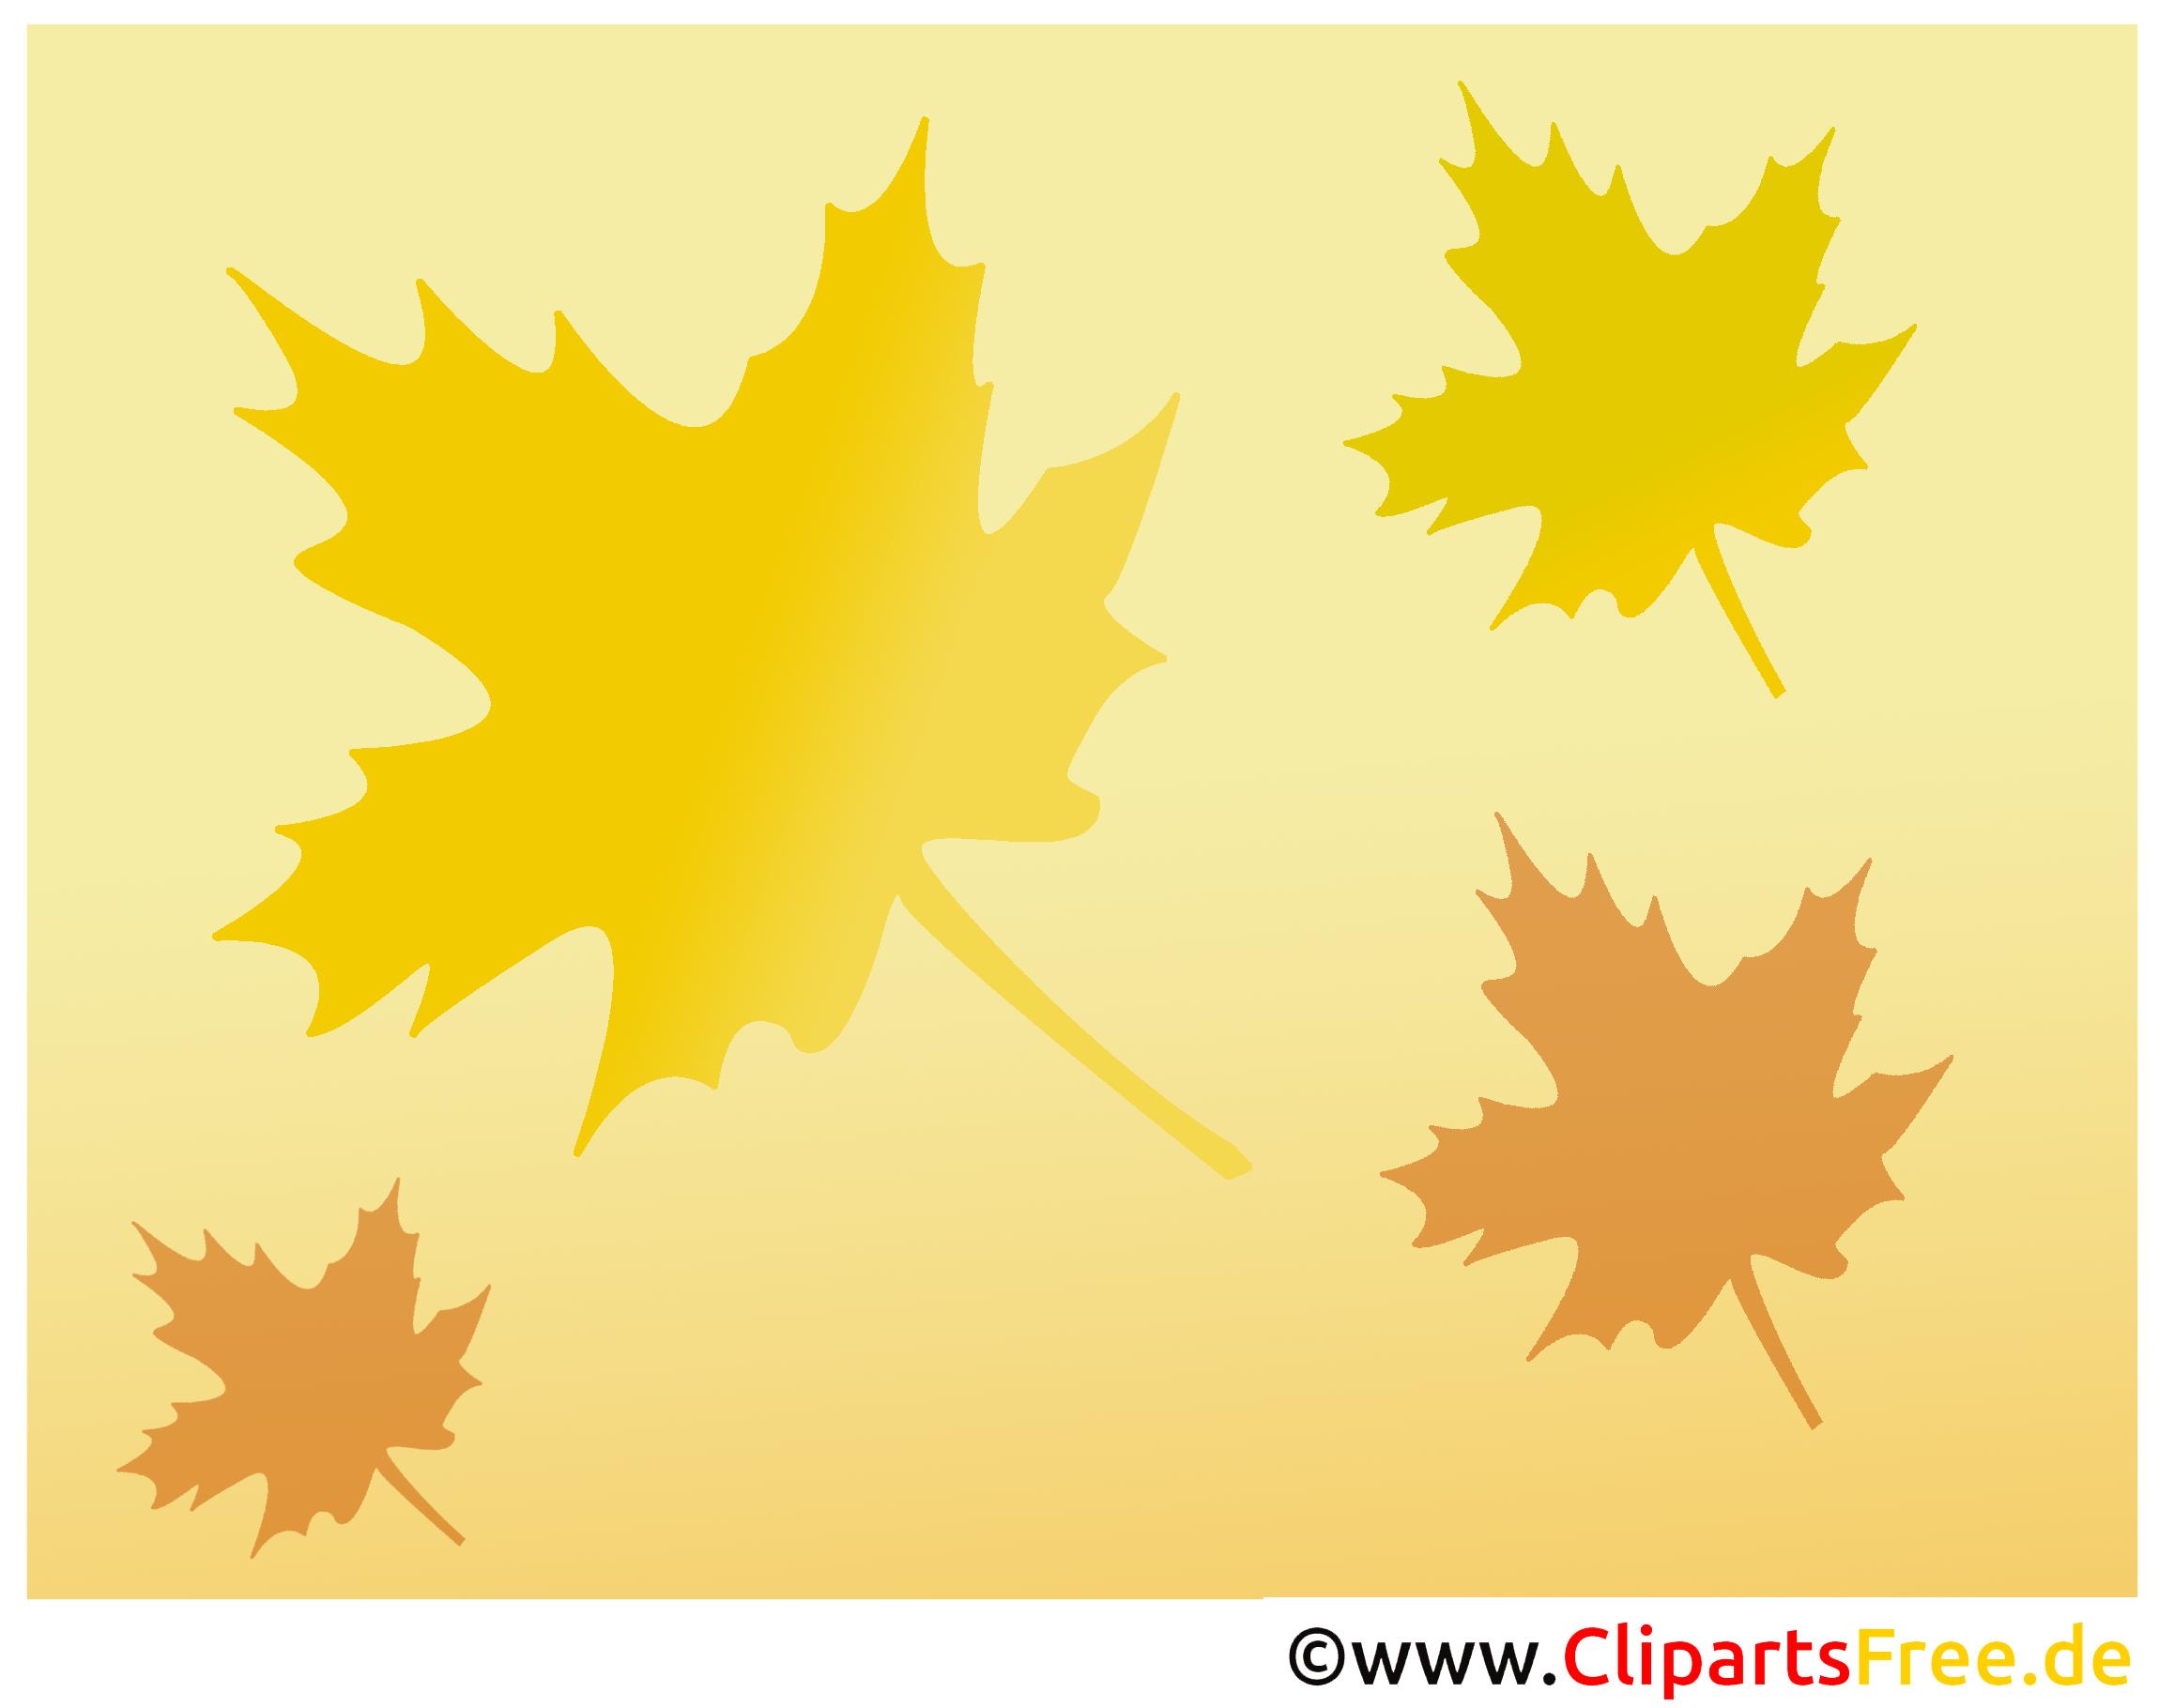 Goldener Herbst Background, Hintergrundbild, Herbstbild